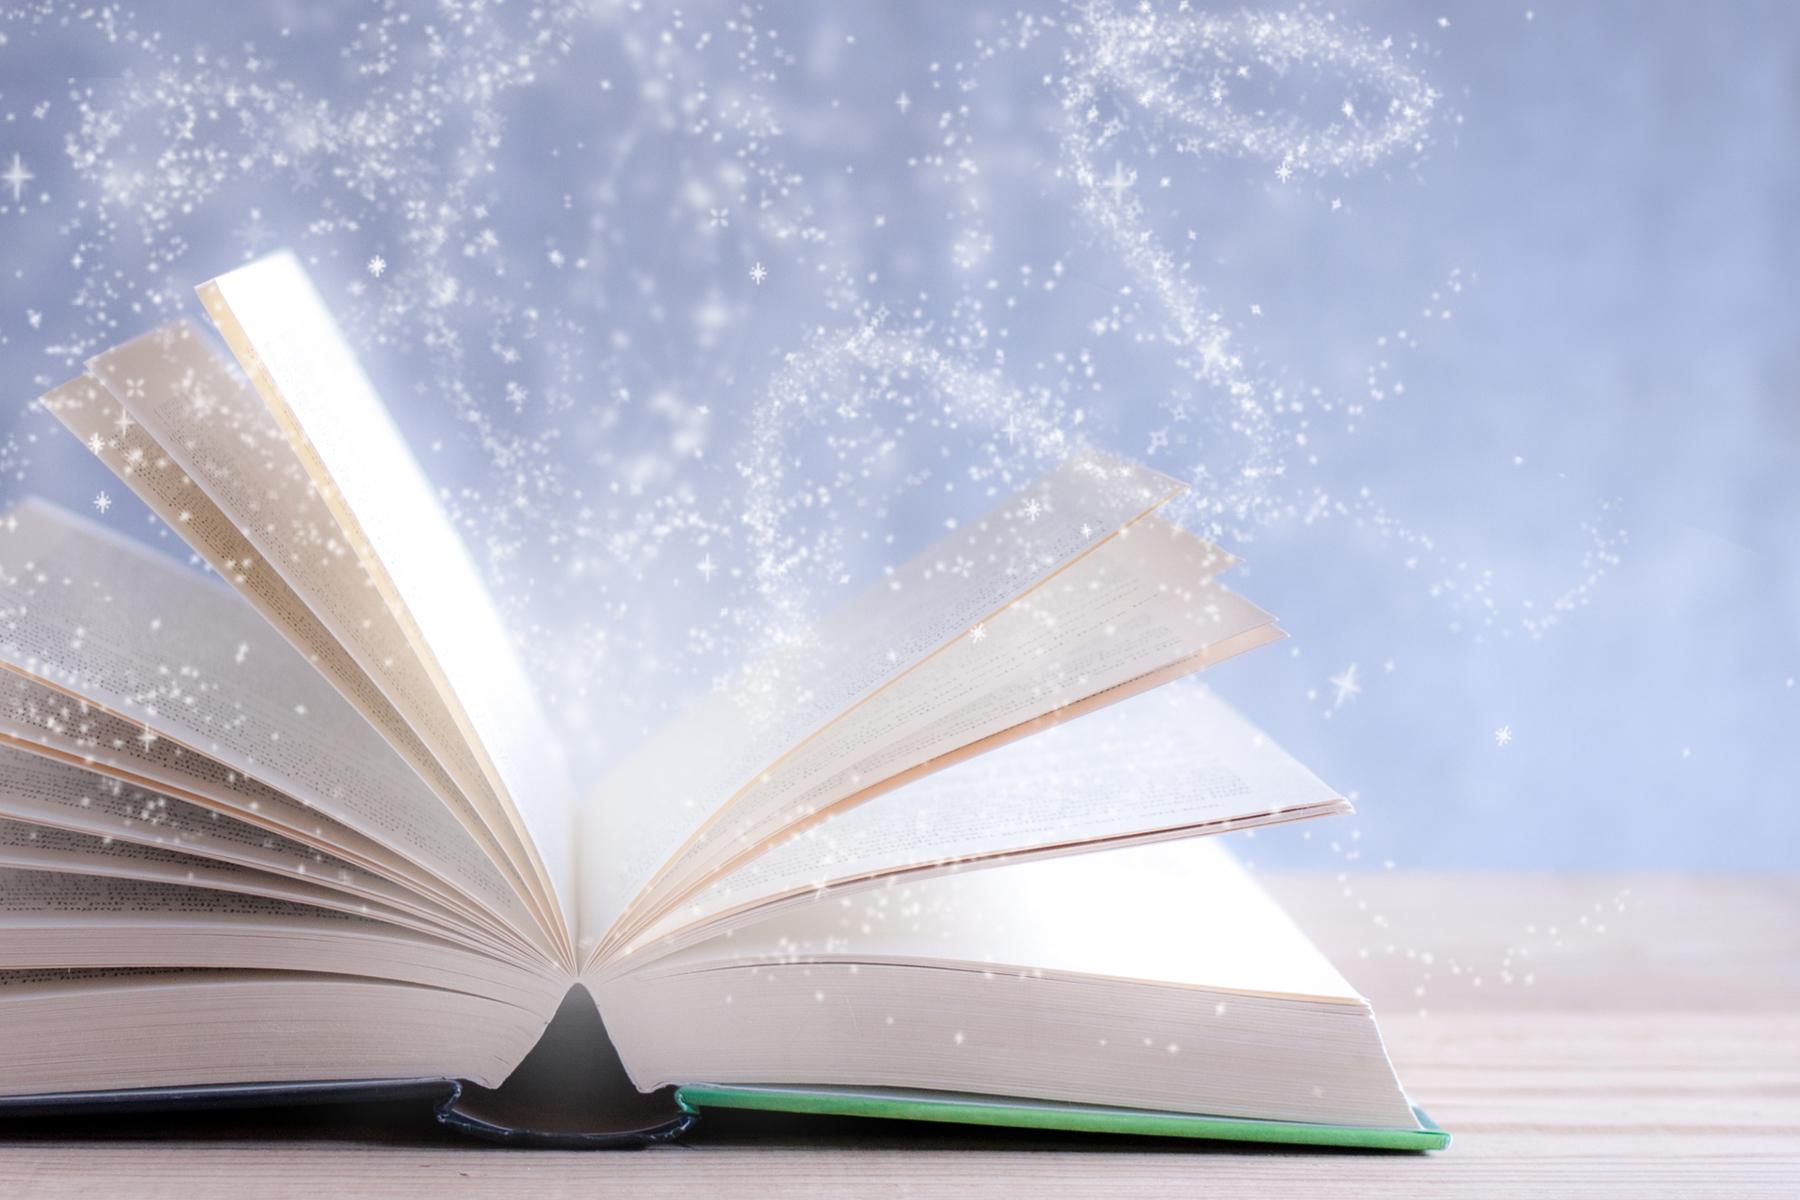 本が開かれて秘密を解明するイメージ写真